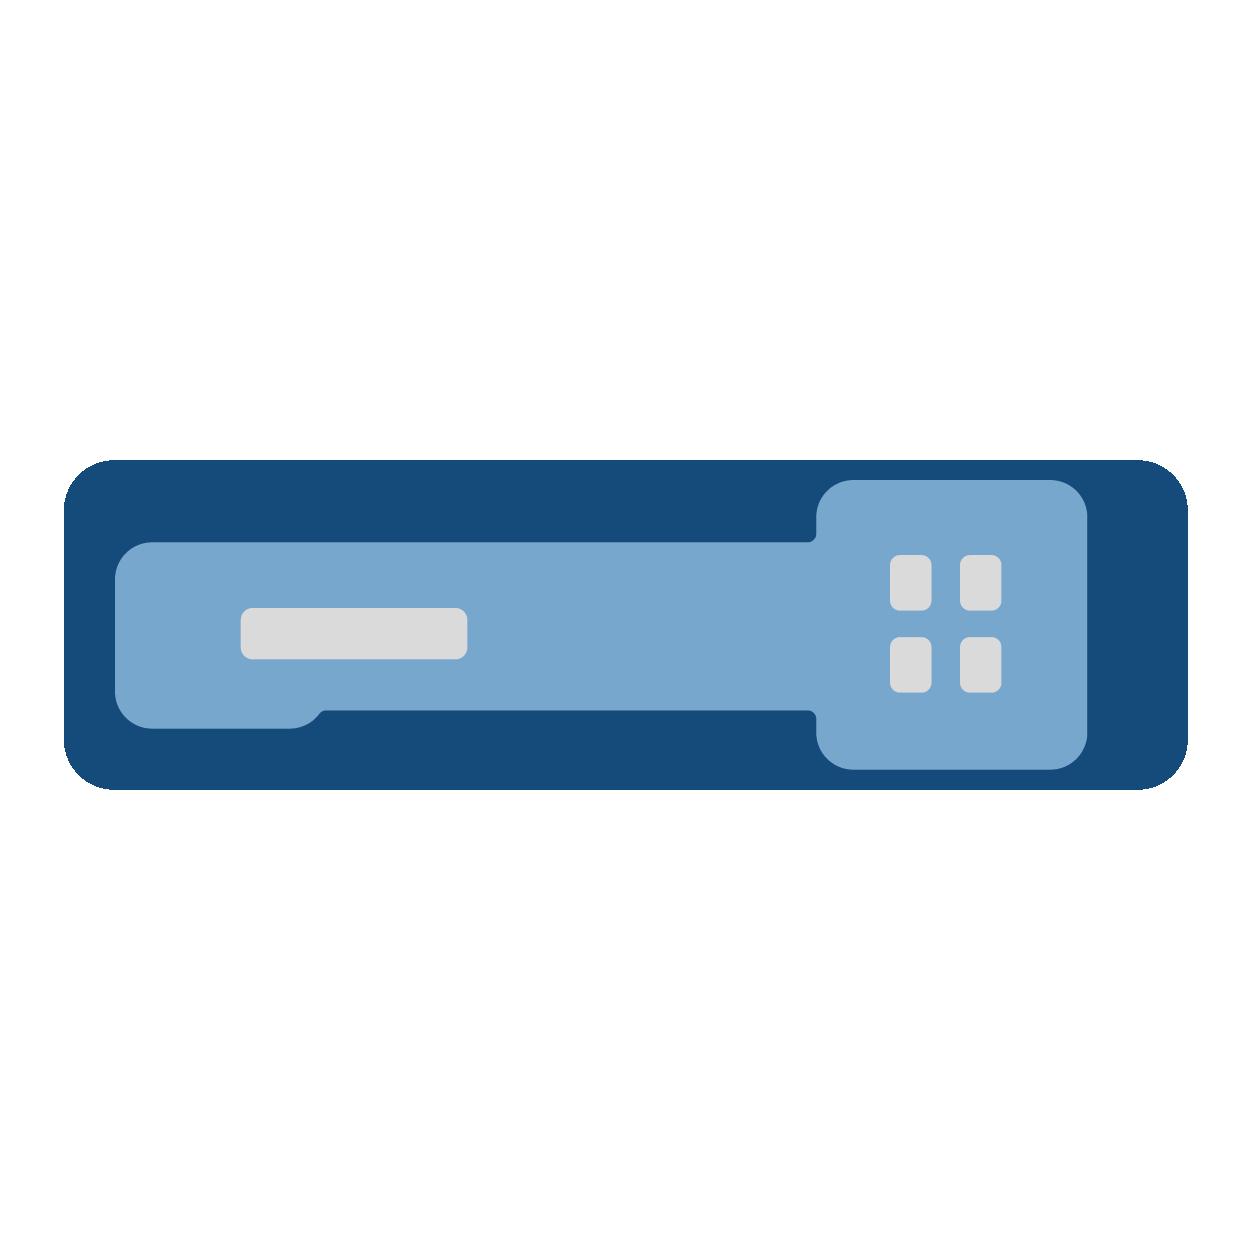 Net-Scaler